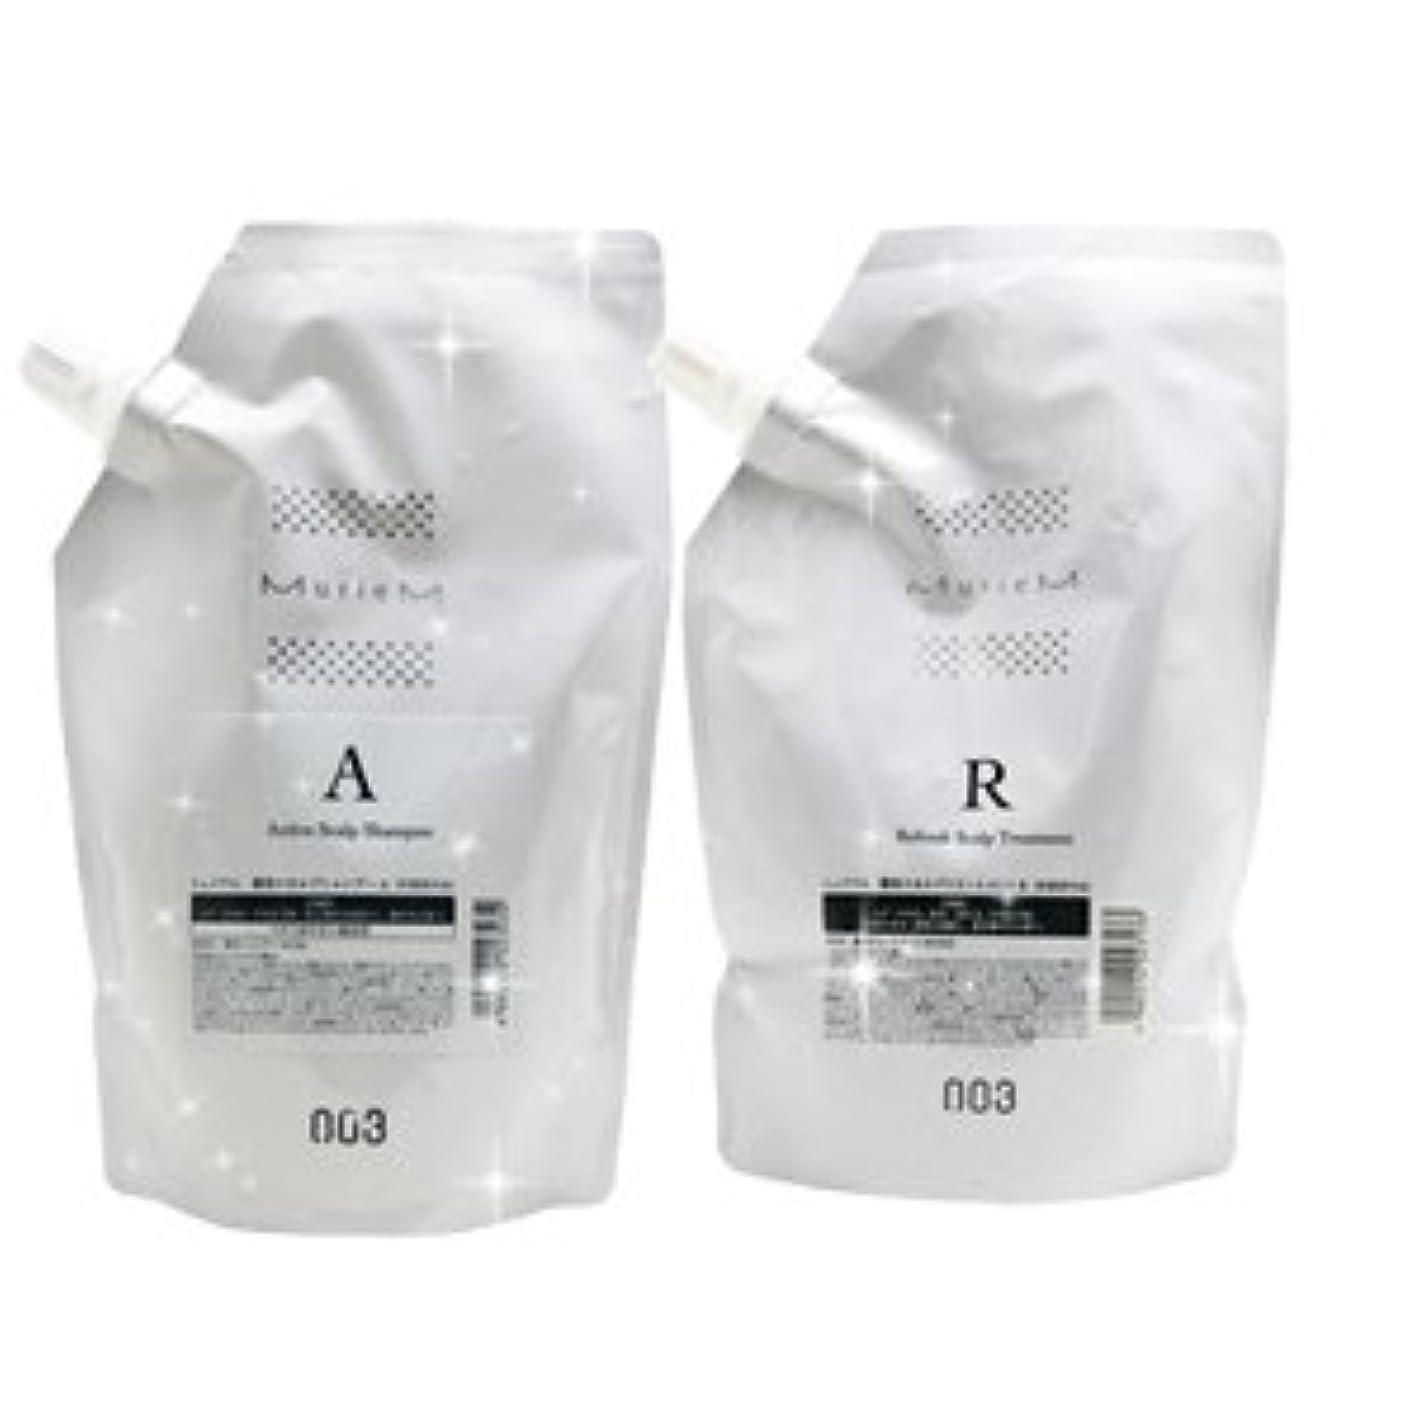 ラリー性別添加剤ナンバースリー ミュリアム クリスタル 薬用シャンプーA 500mL & 薬用トリートメントR 500g 詰替え セット